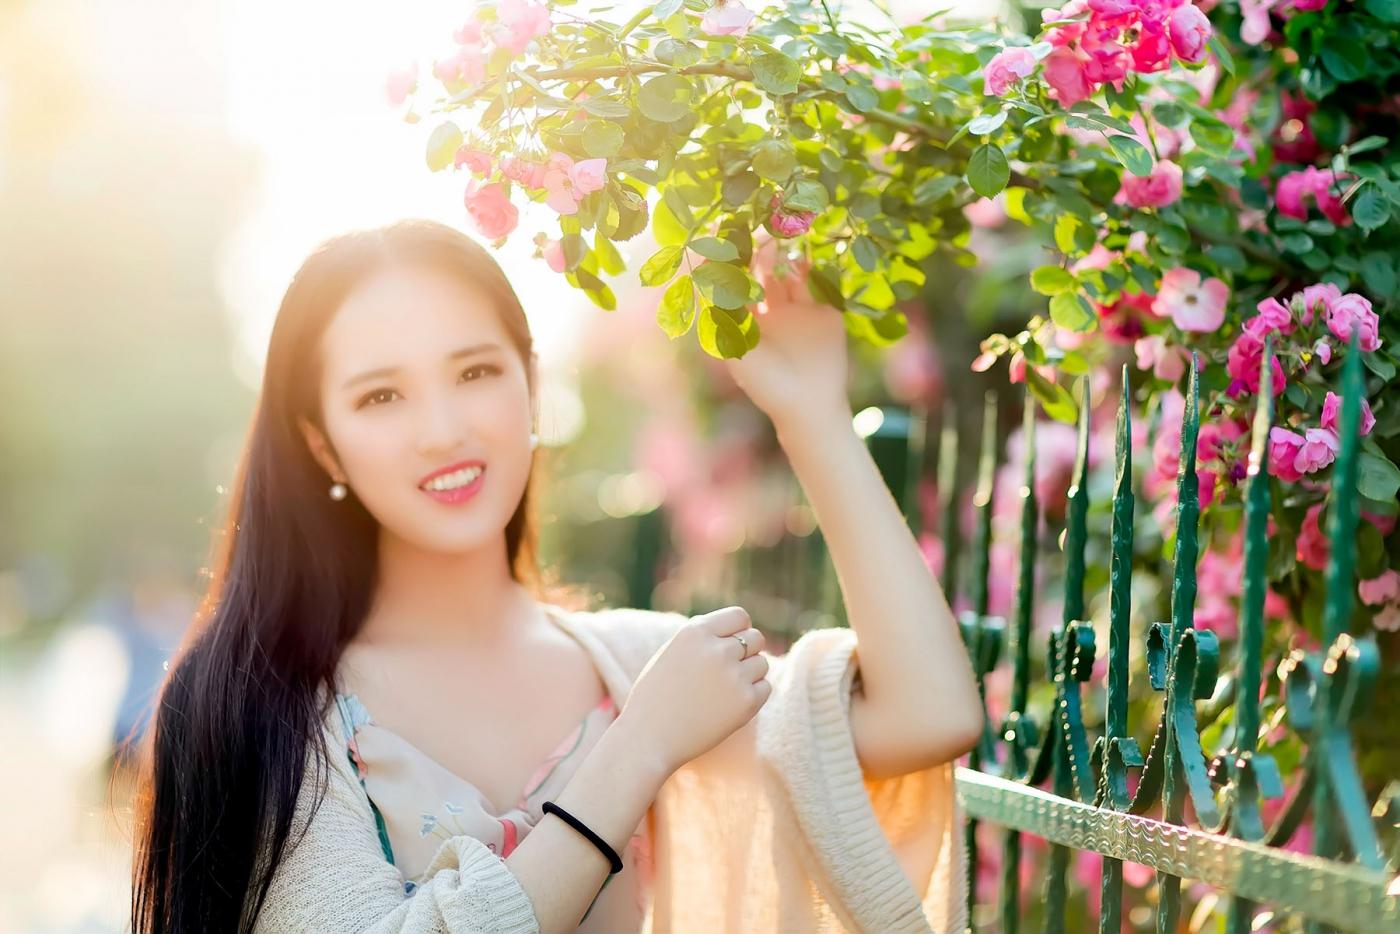 蔷薇·阳光·女孩 去见你想见的人吧_图1-2